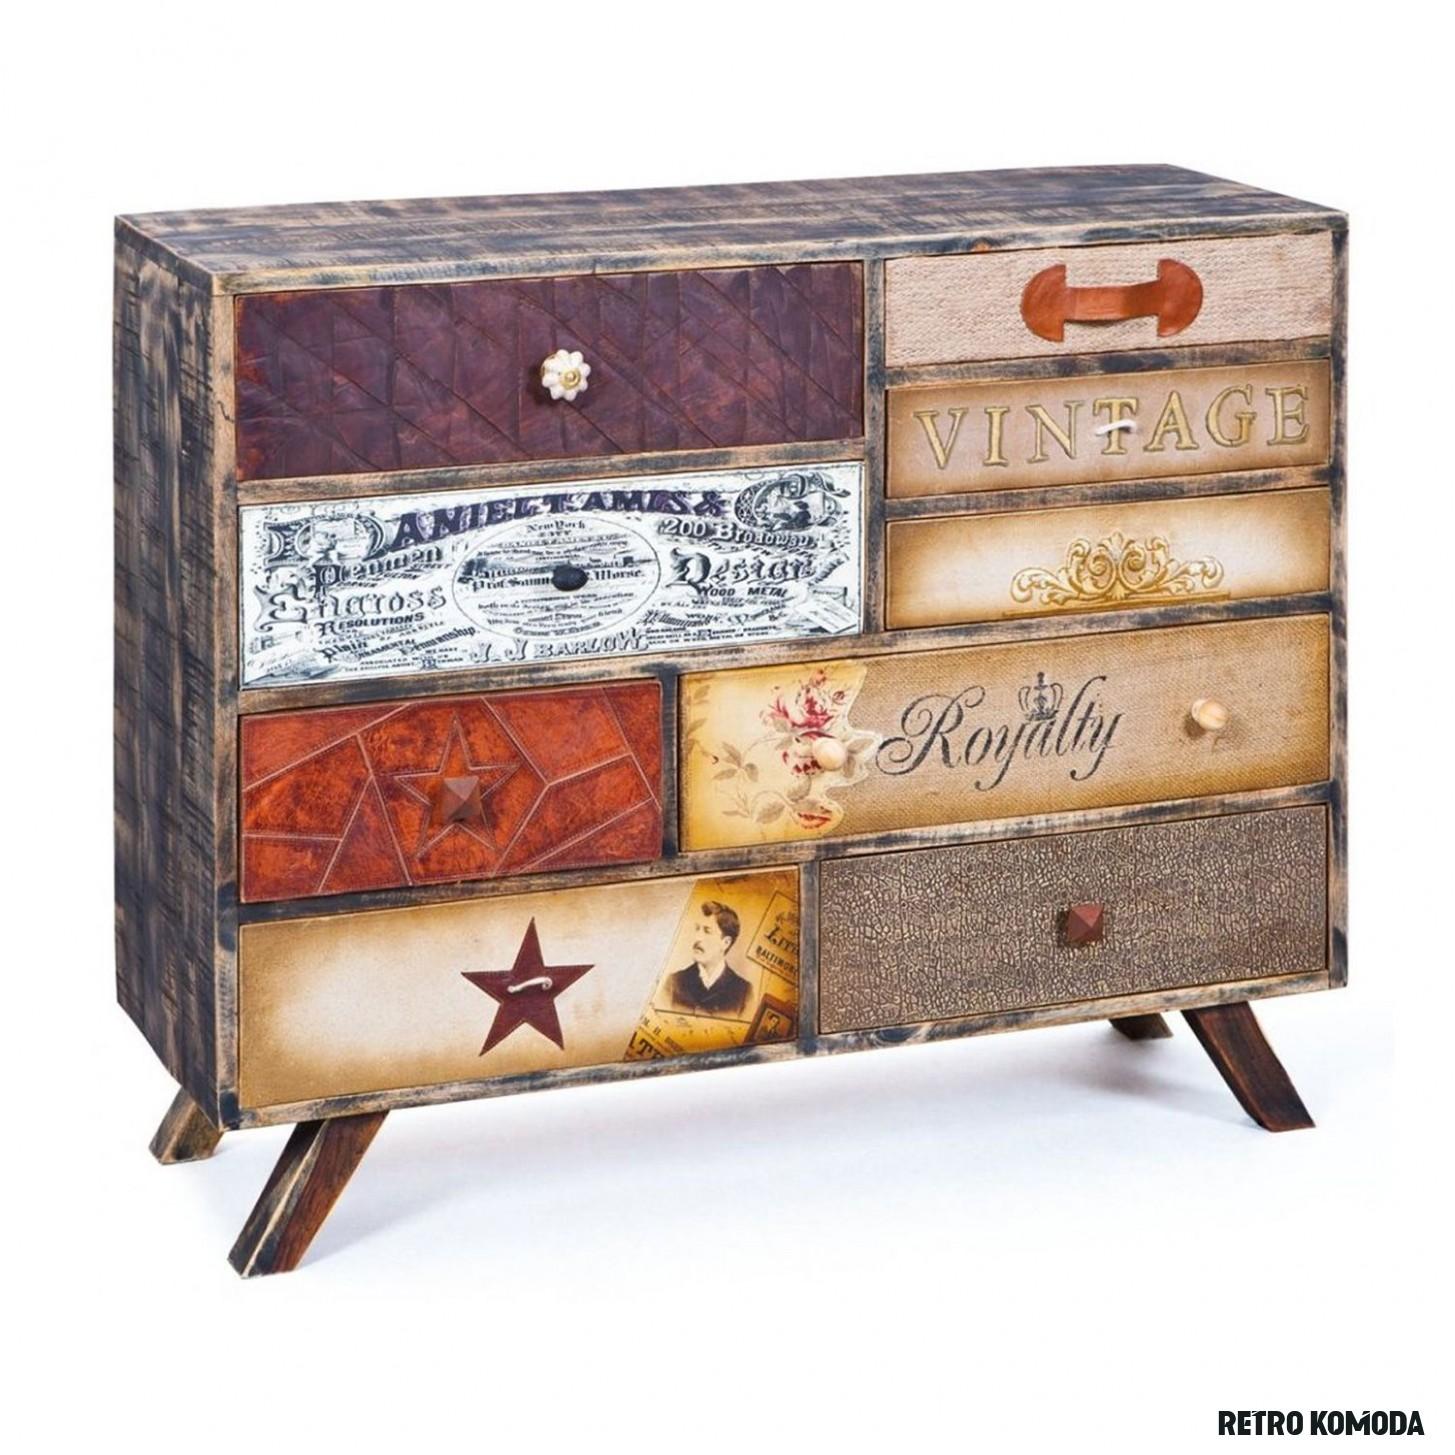 Komoda SAN ANTONIO retro - Komody - IDEA nábytek  Wooden boxes